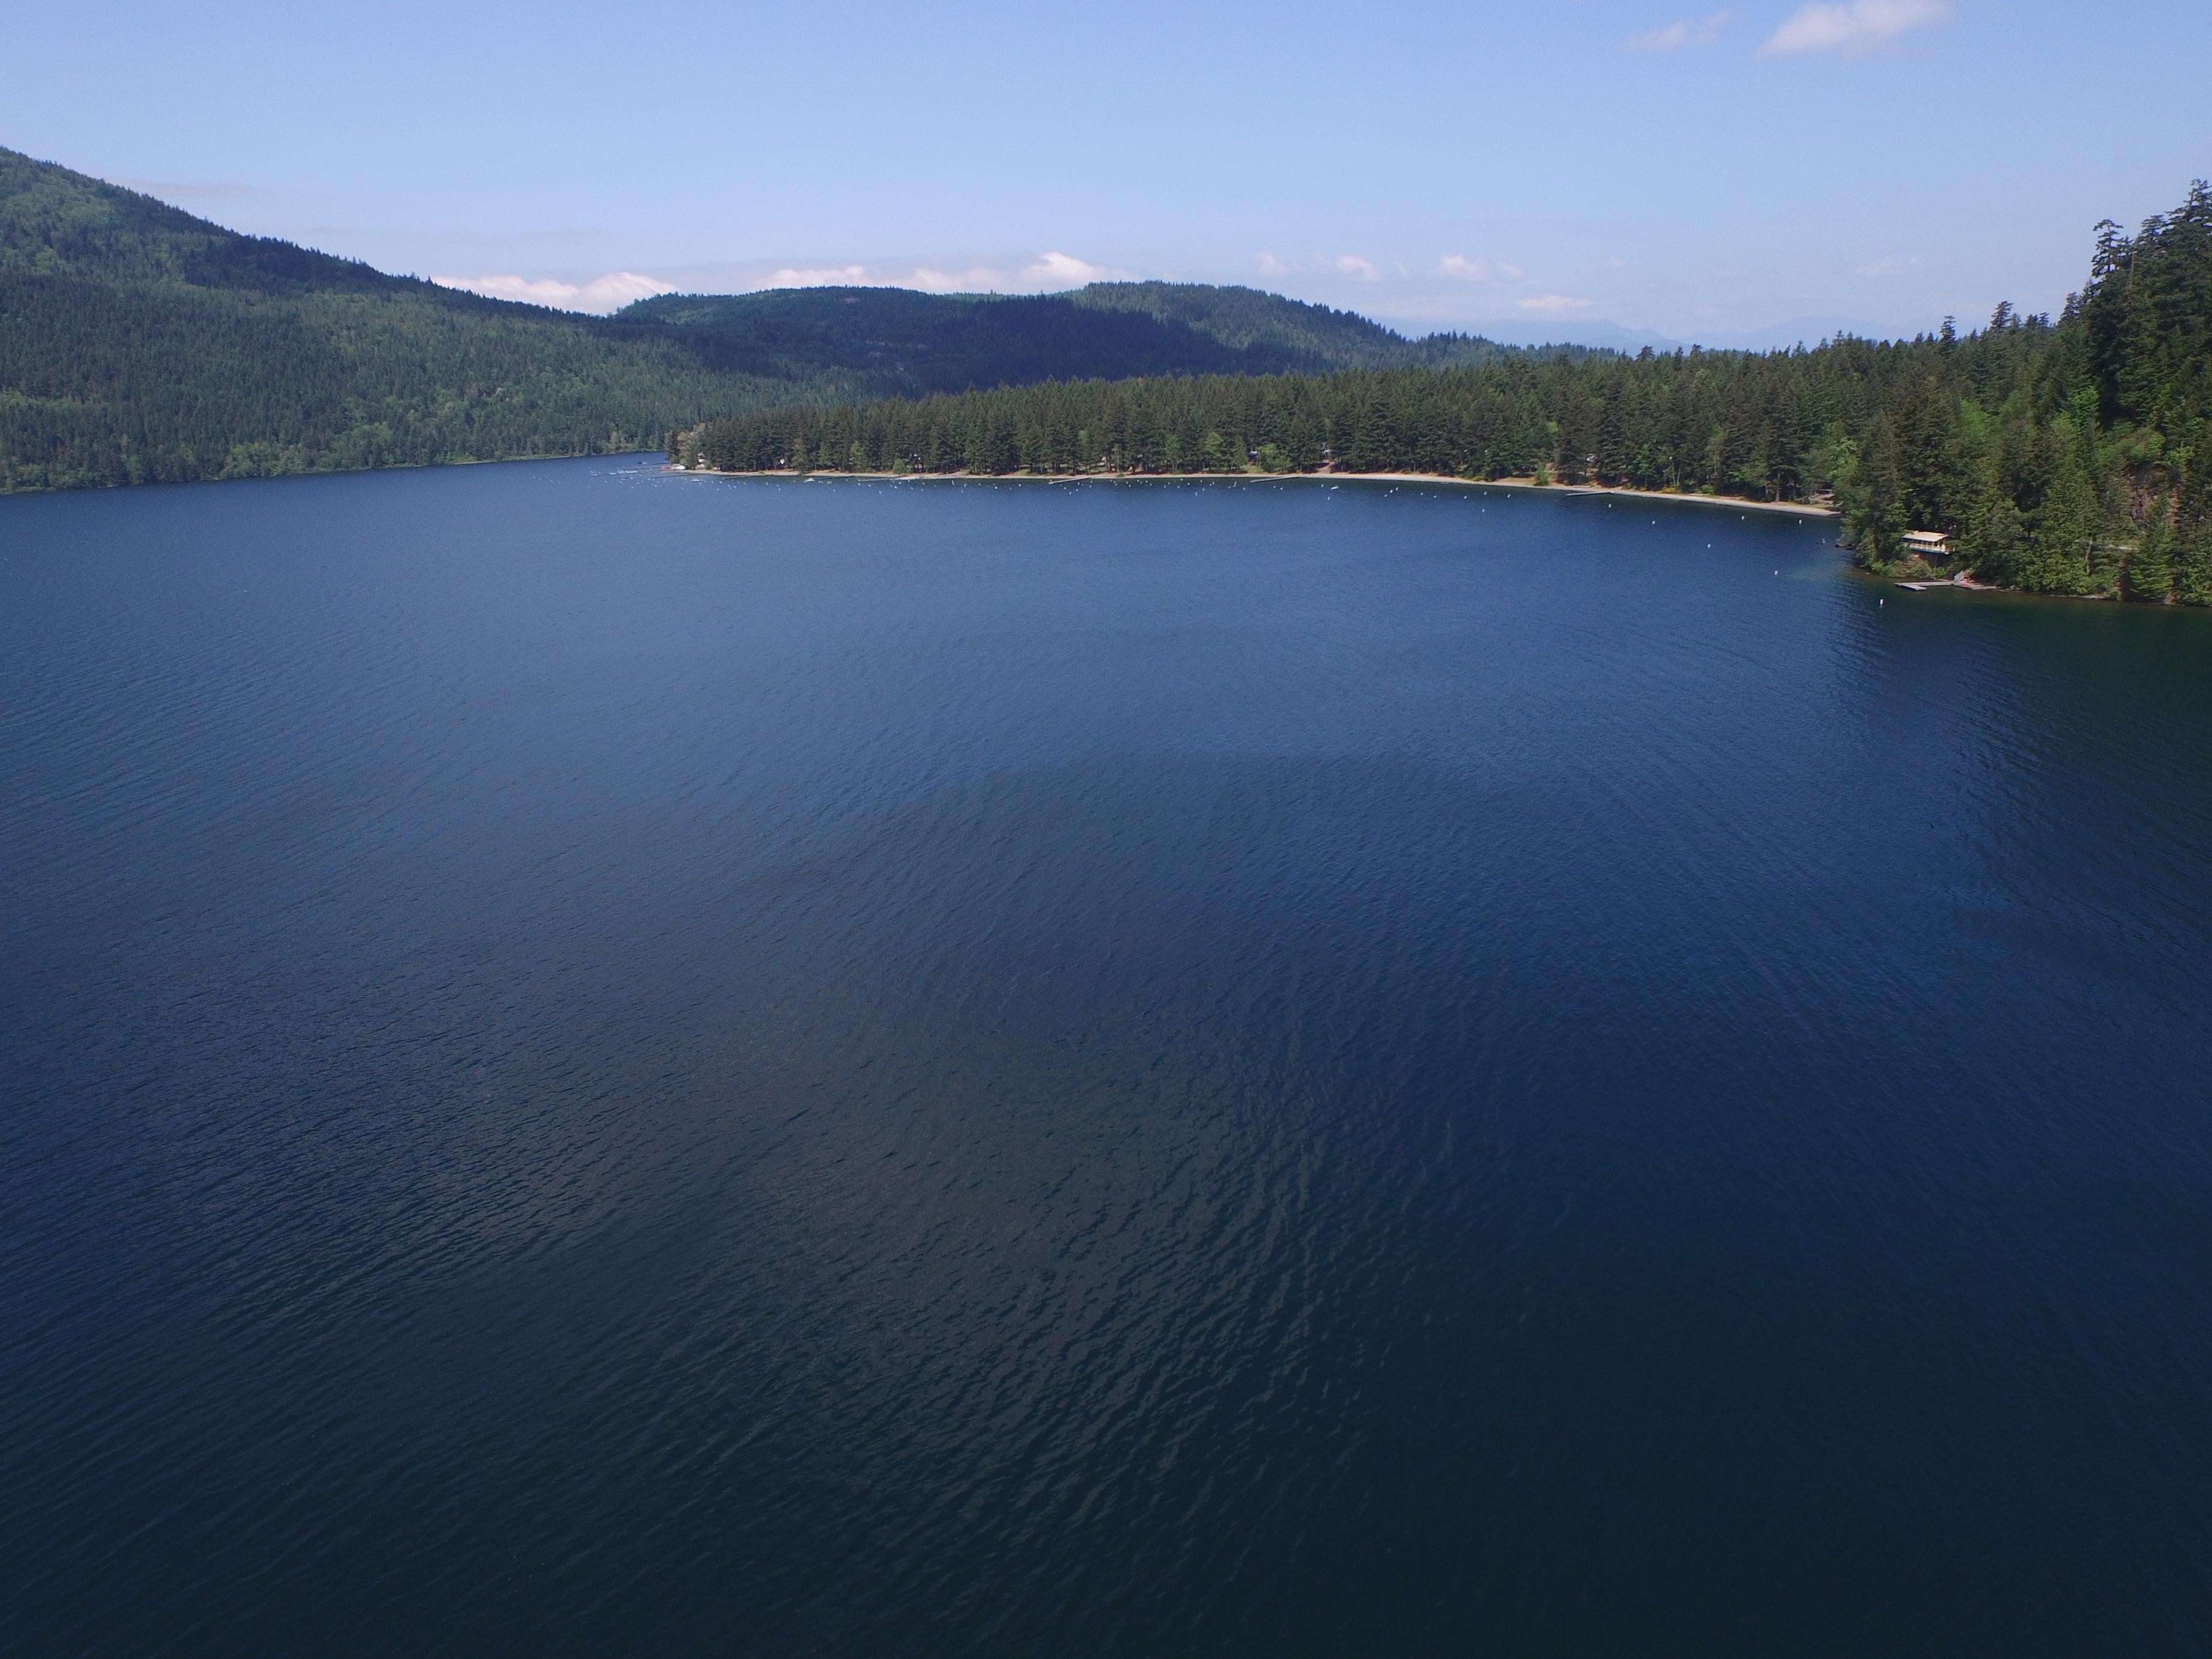 Lakeside_030007